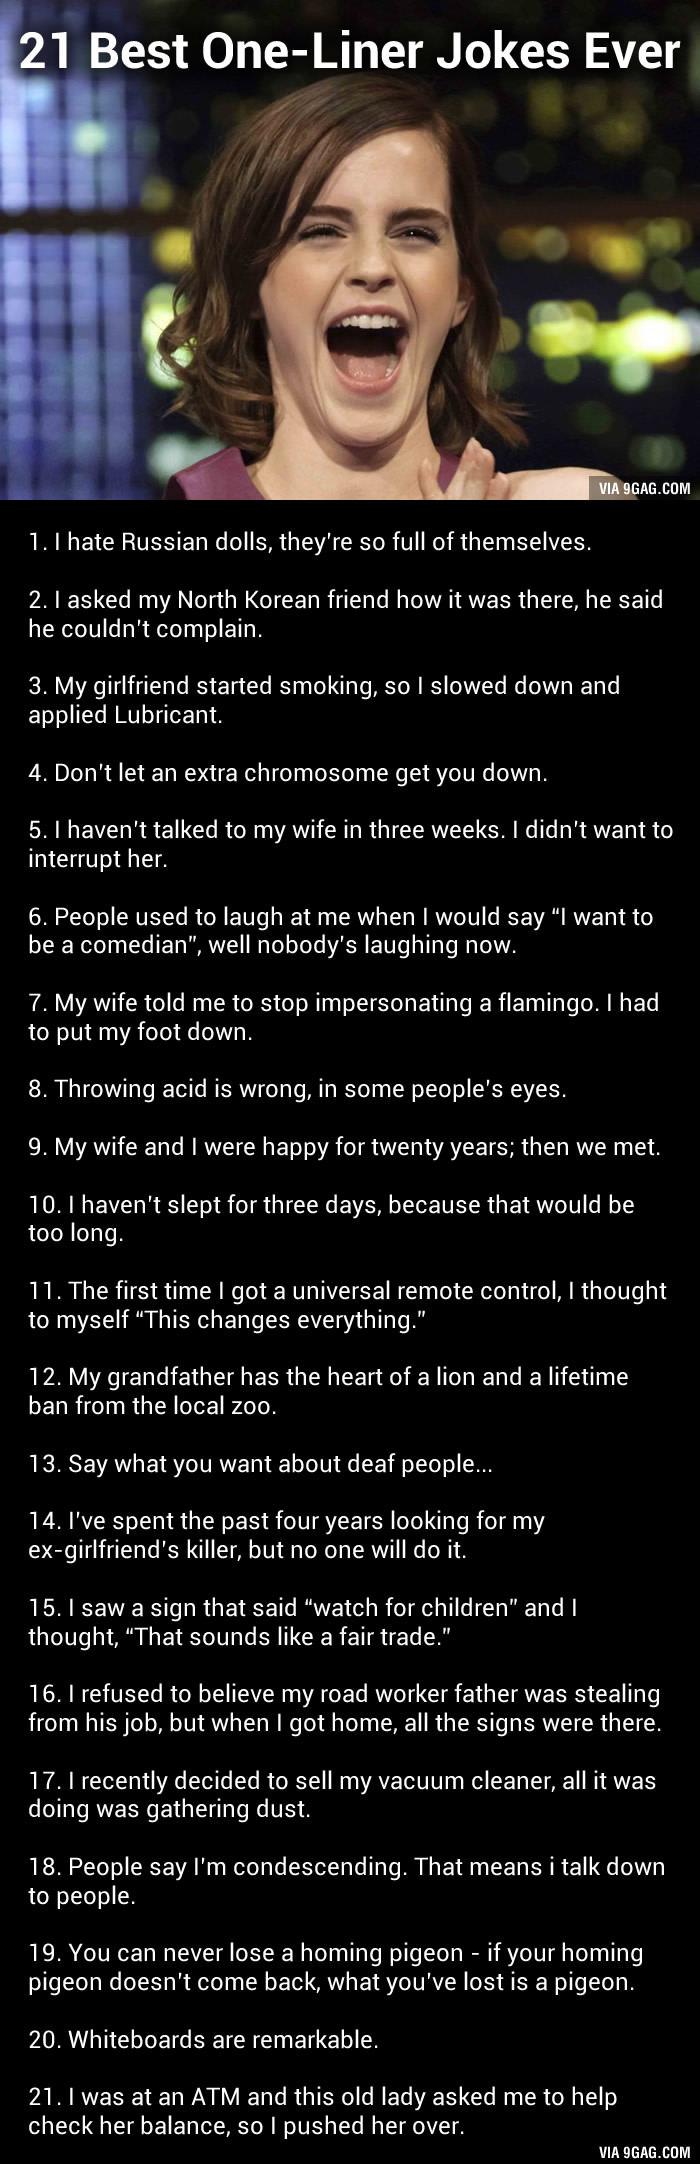 Best OneLiner Jokes Ever Funny Jokes Humor And Adult Humor - 21 best one line jokes ever